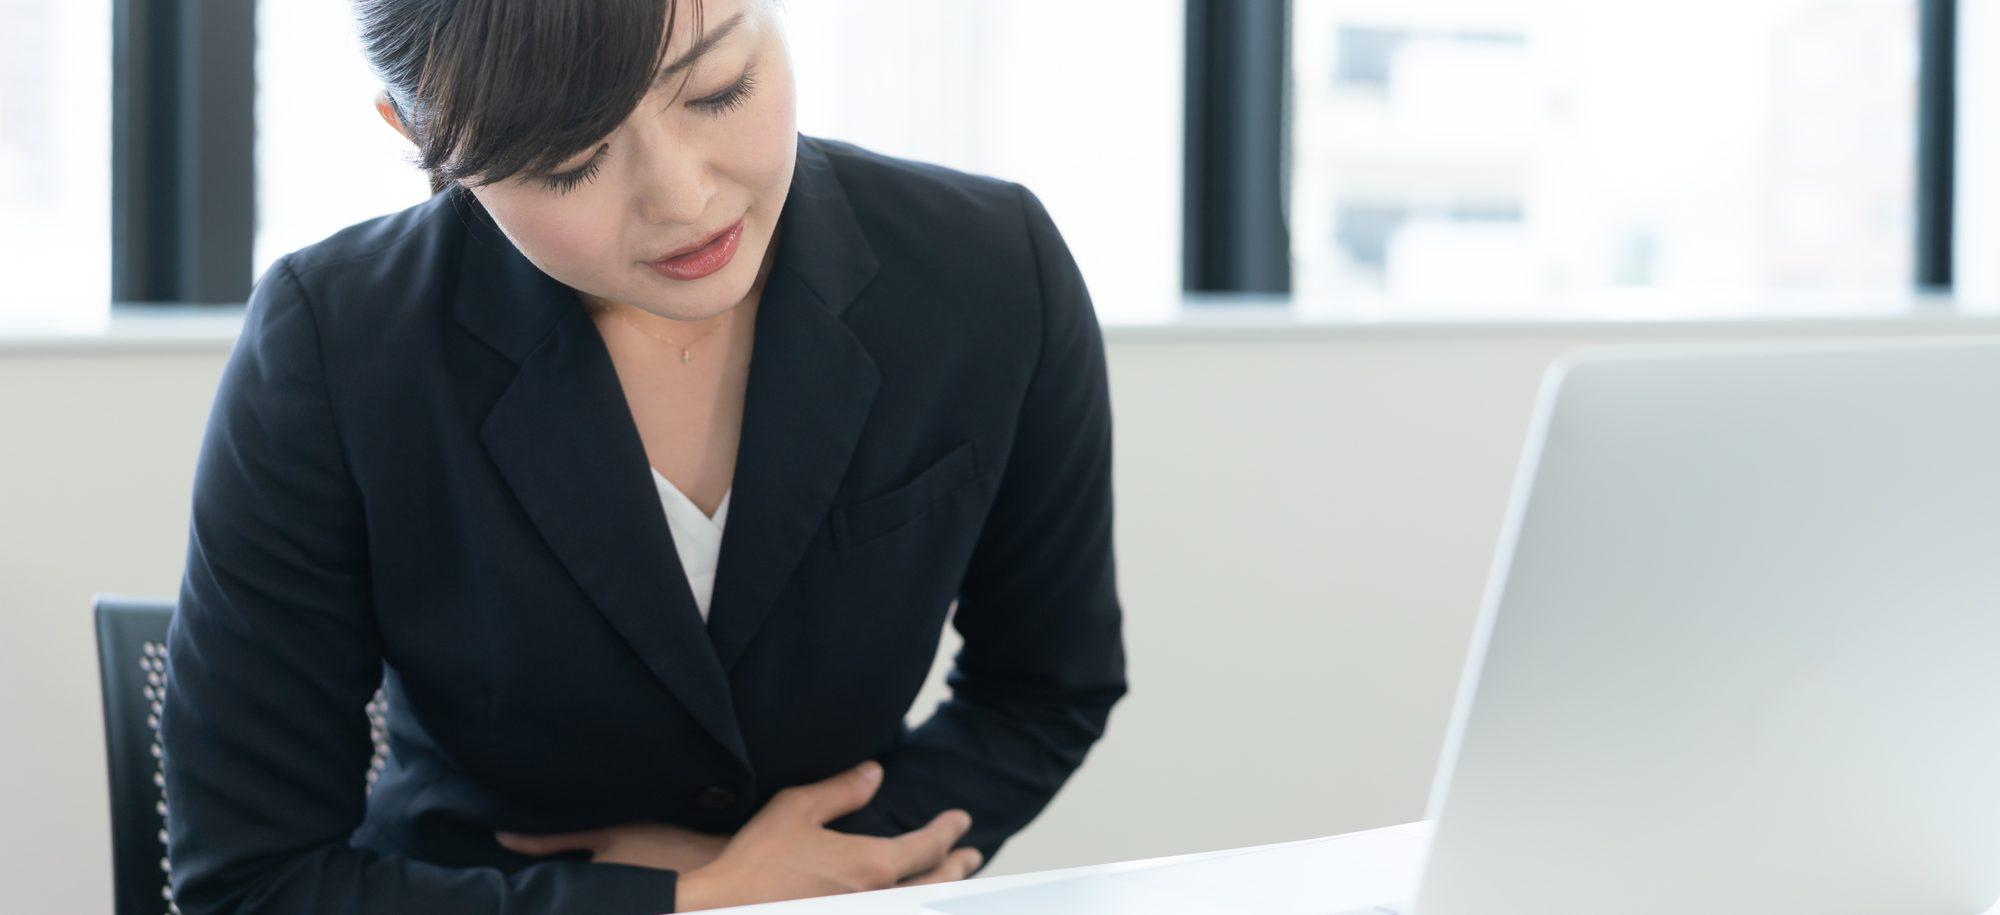 過敏性腸症候群|仙台市若林区